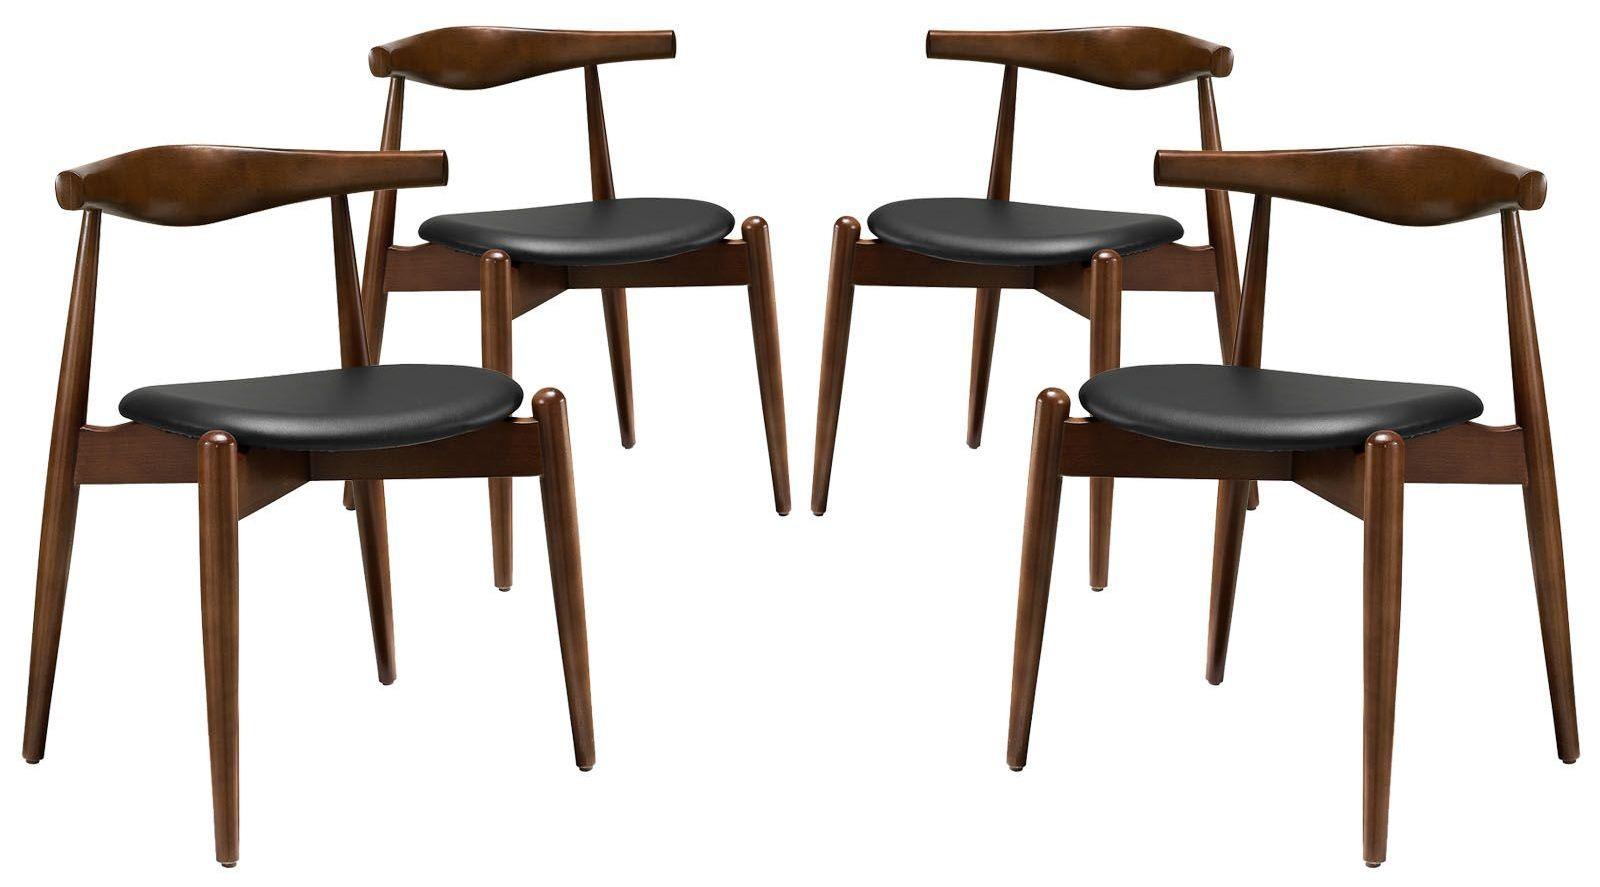 dark walnut dining chairs irish deck chair stalwart black side set of 4